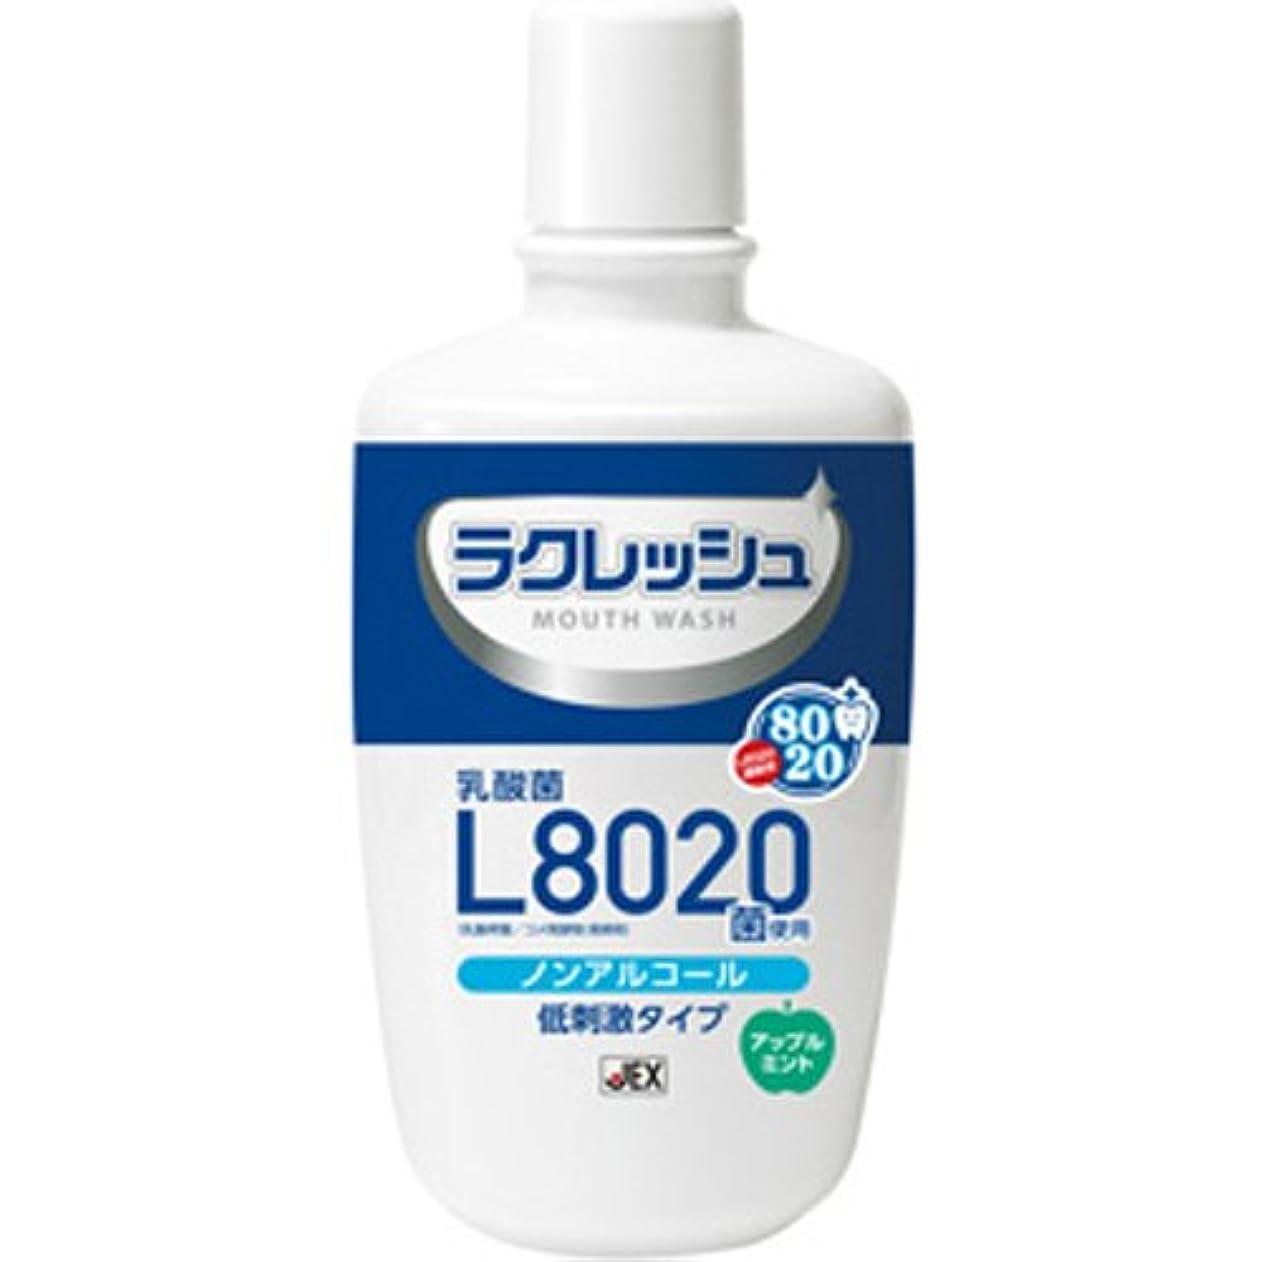 意外インレイデコレーションラクレッシュ L8020菌入 マウスウォッシュ × 5個セット